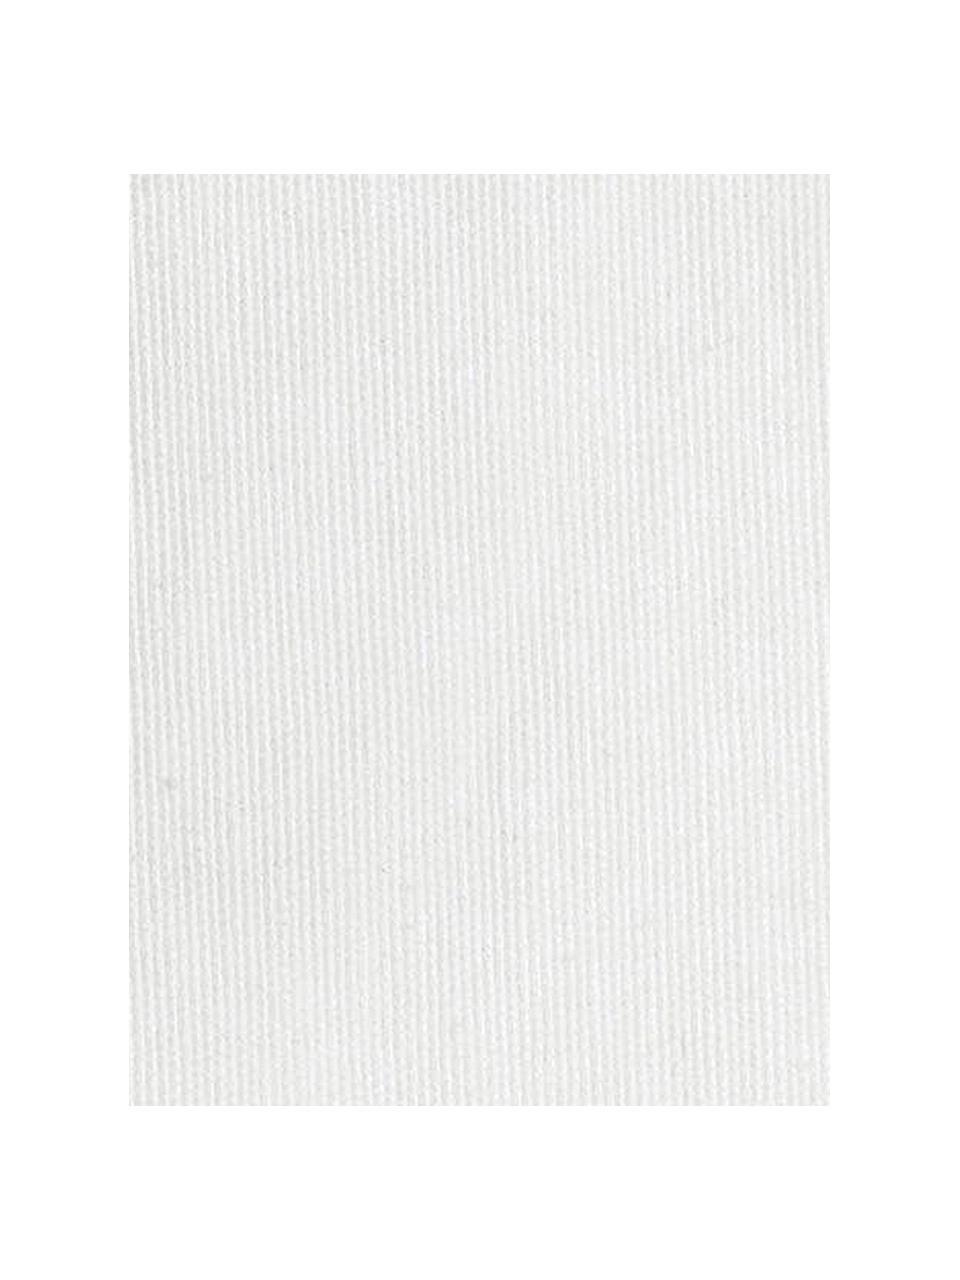 Pokrowiec na fotel Levante, 65% bawełna, 35% poliester, Odcienie kremowego, S 110 x W 110 cm